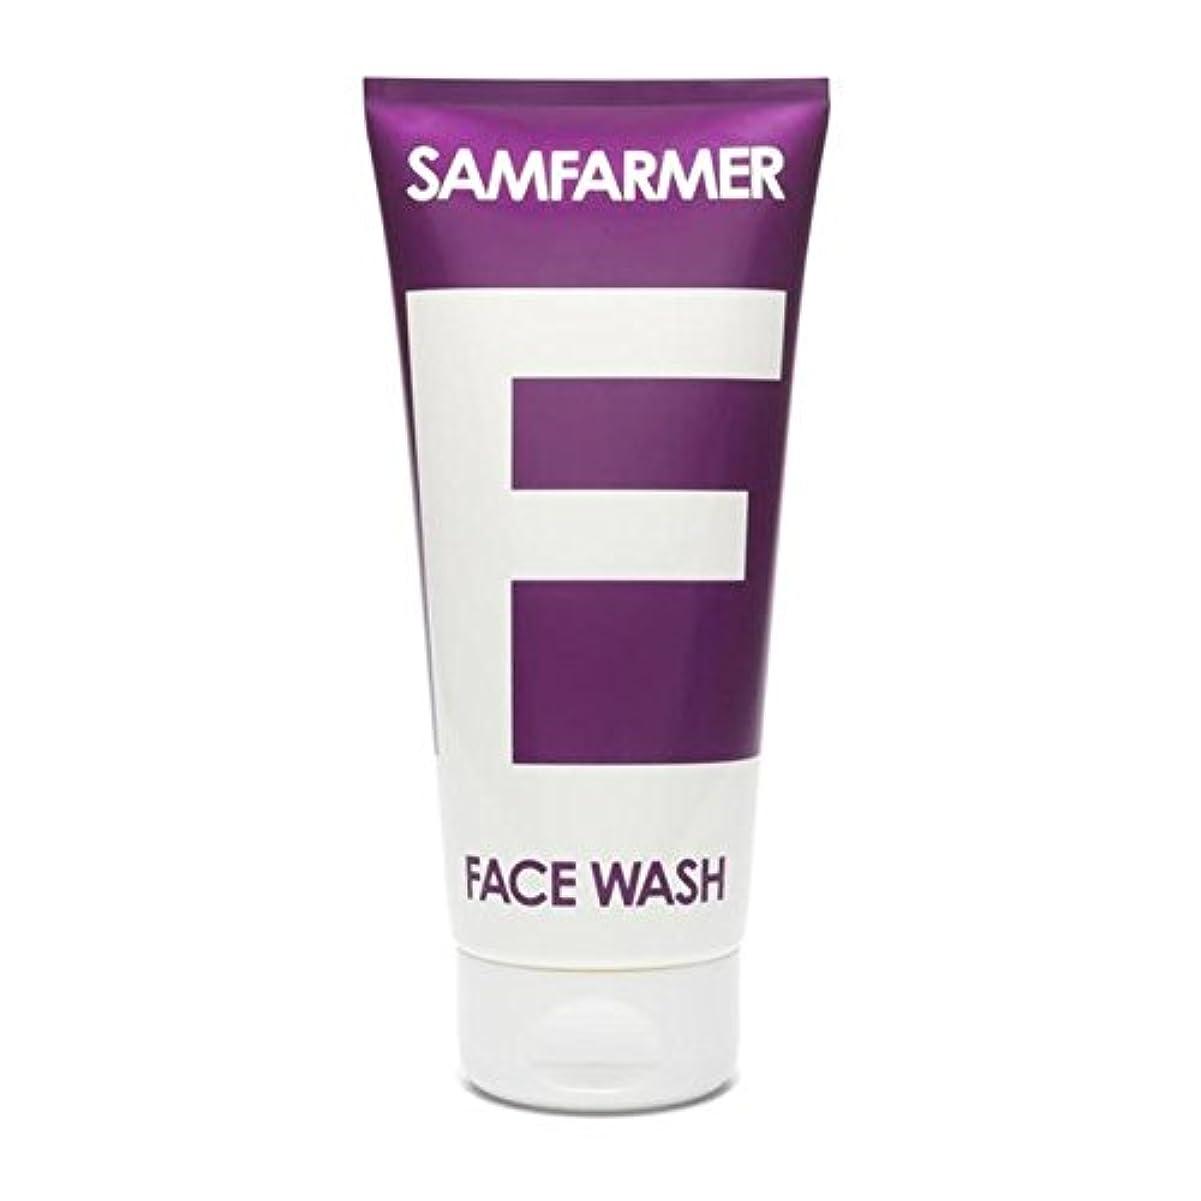 ずるいクアッガサバントユニセックスフェイスウォッシュ200ミリリットル x2 - SAMFARMER Unisex Face Wash 200ml (Pack of 2) [並行輸入品]